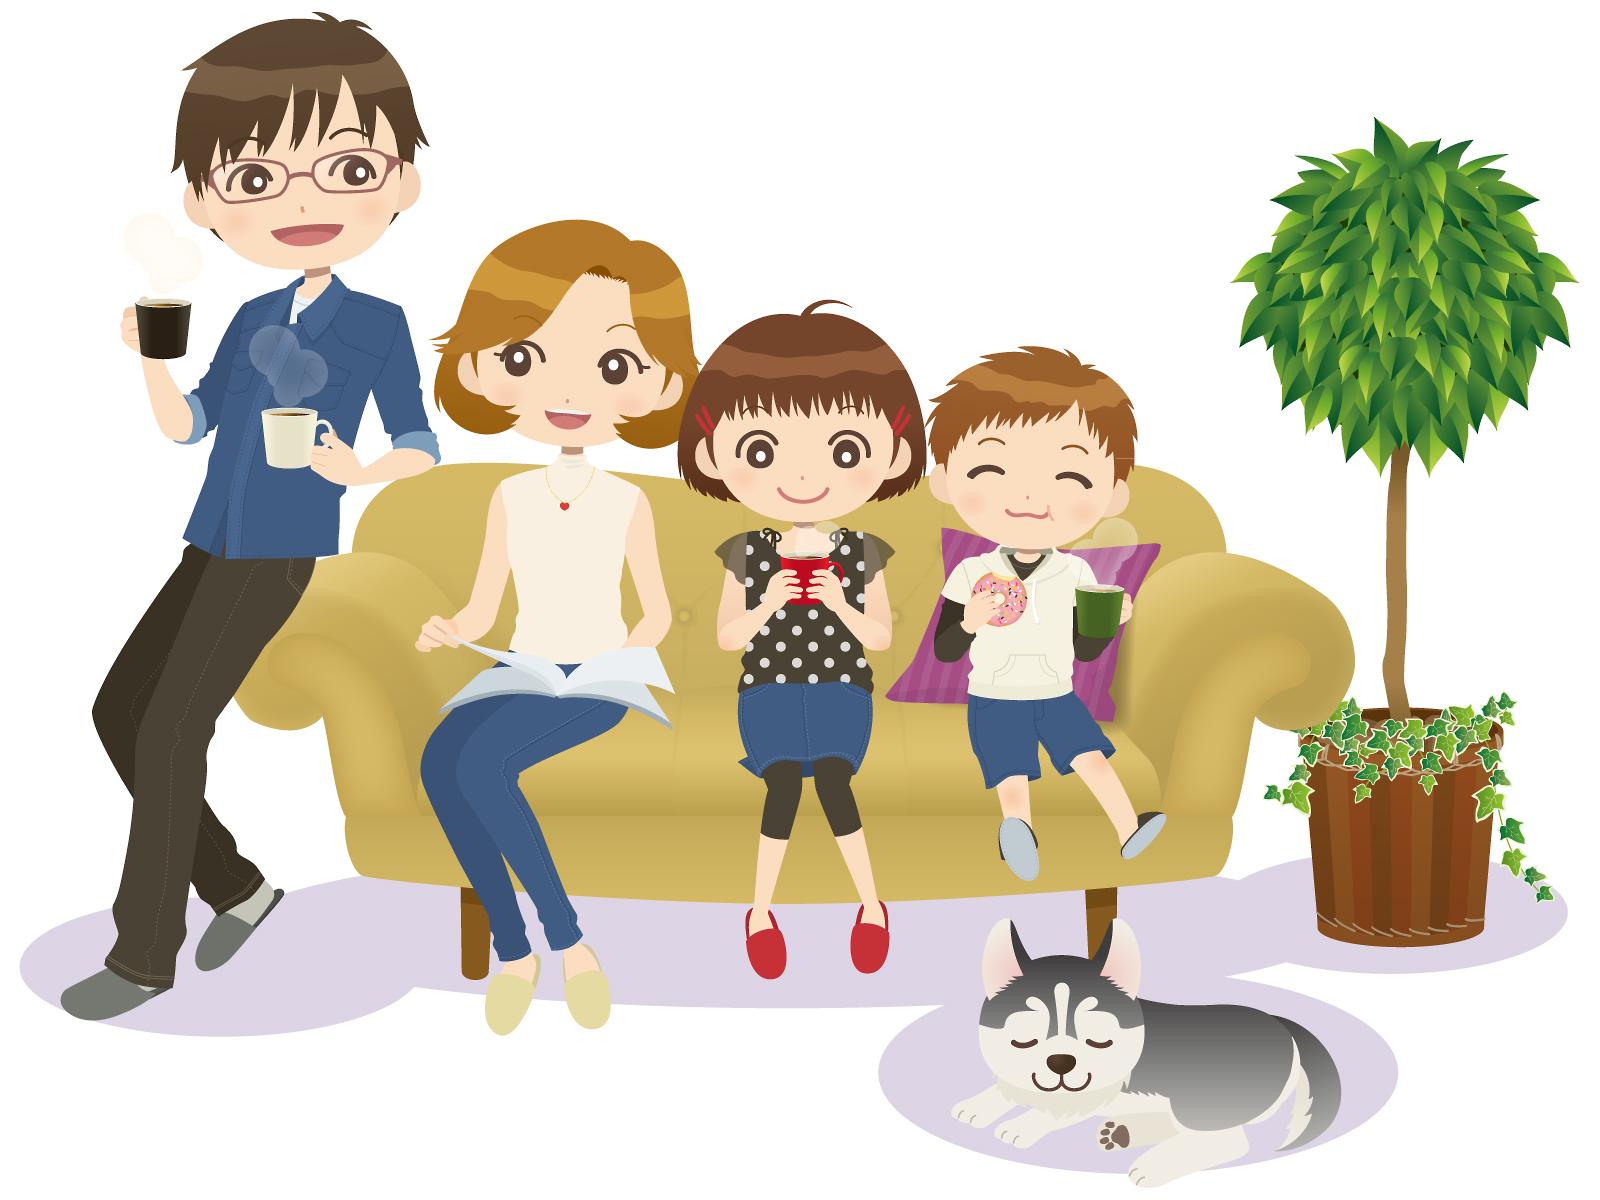 素材 お茶 おやつ 家族 テレビ